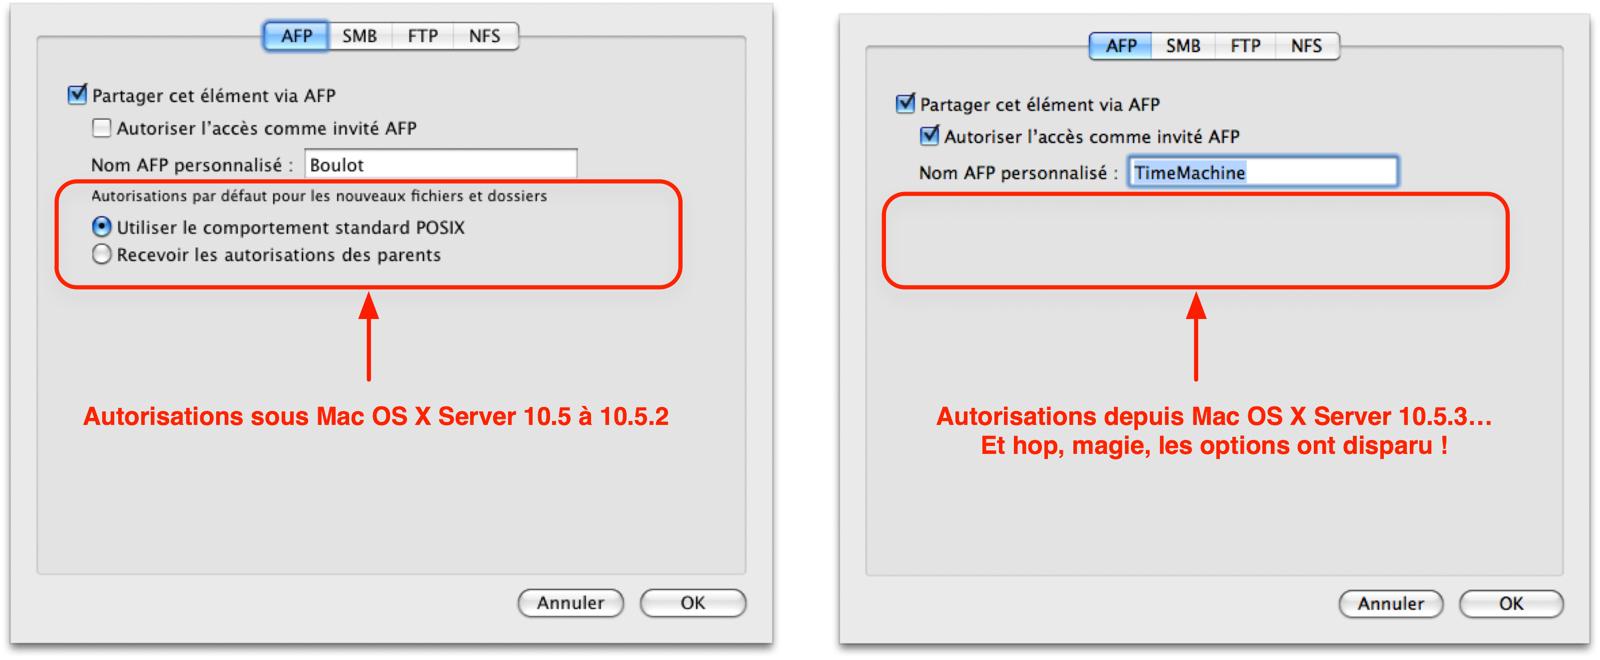 Depuis Mac OS X Server 10.5.3, l\'option d\'héritage des permissions a disparu